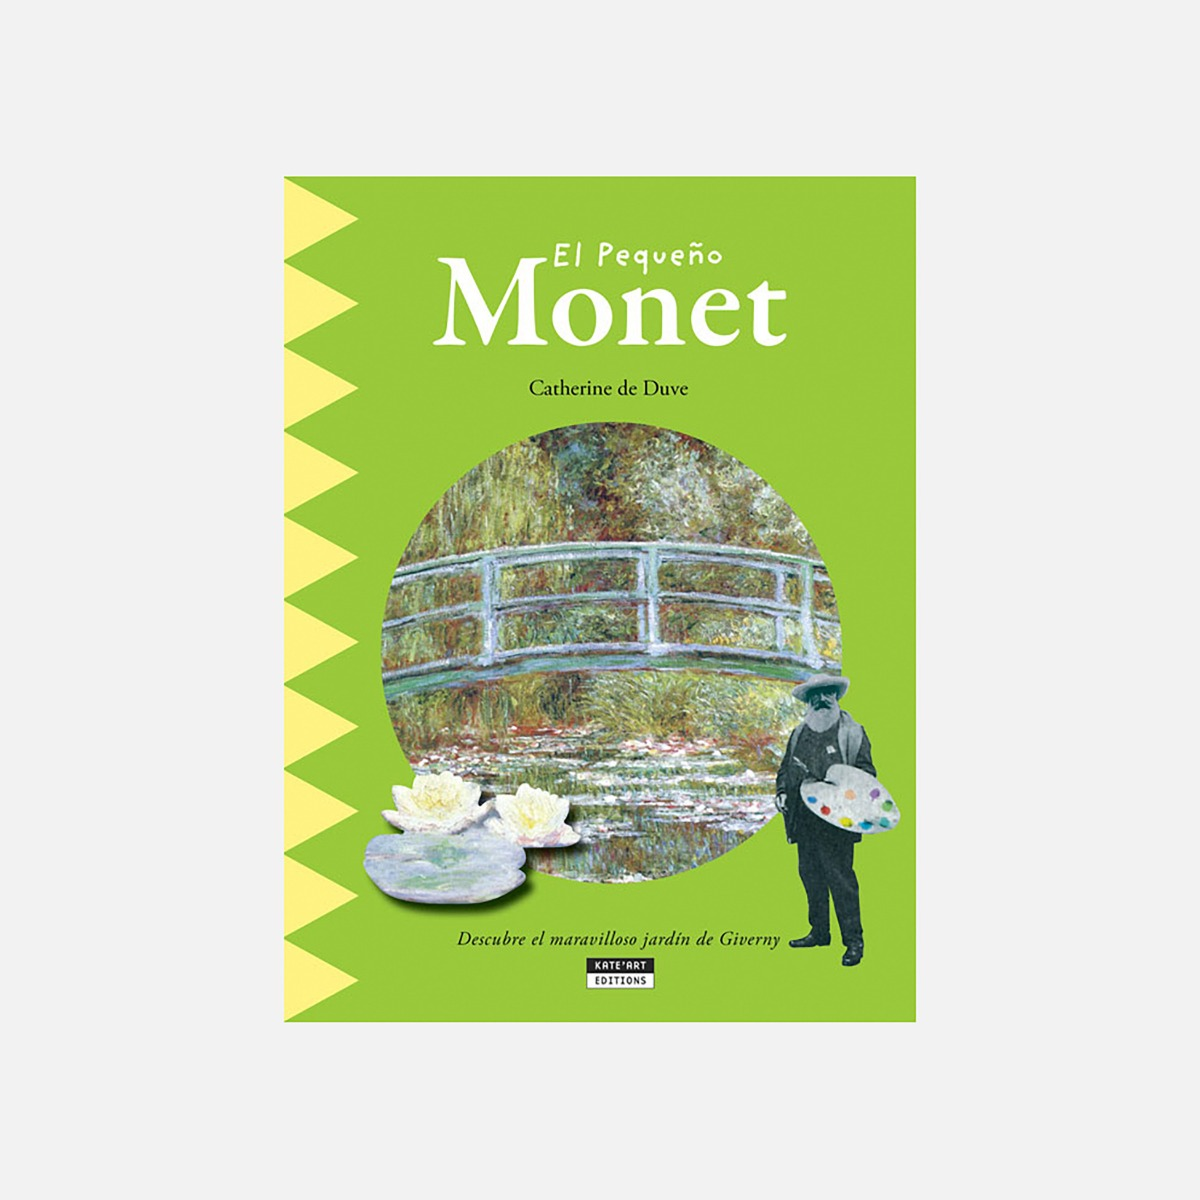 El pequeño Monet